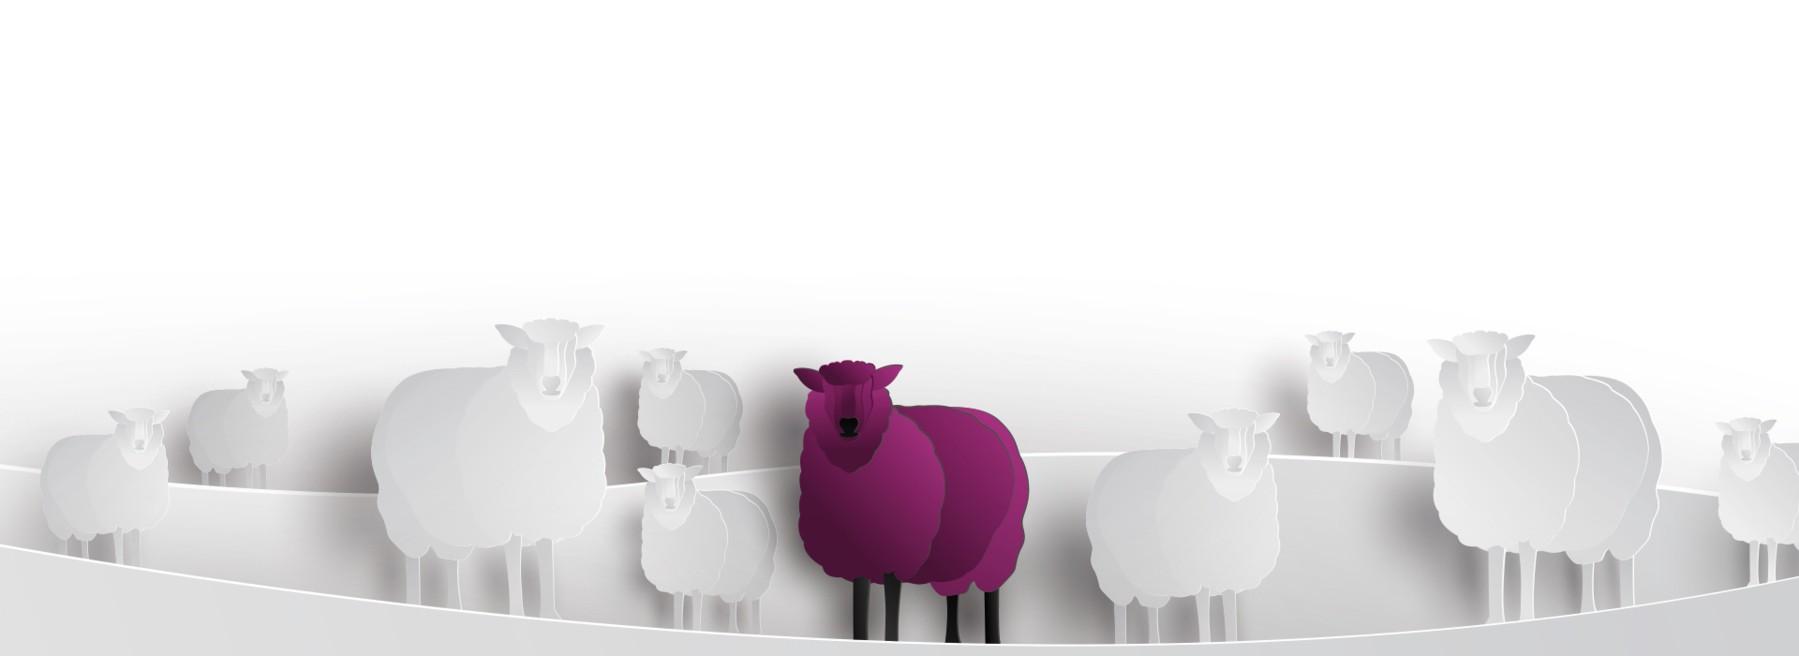 Herdentiere an der Börse - DADAT Bank Blog